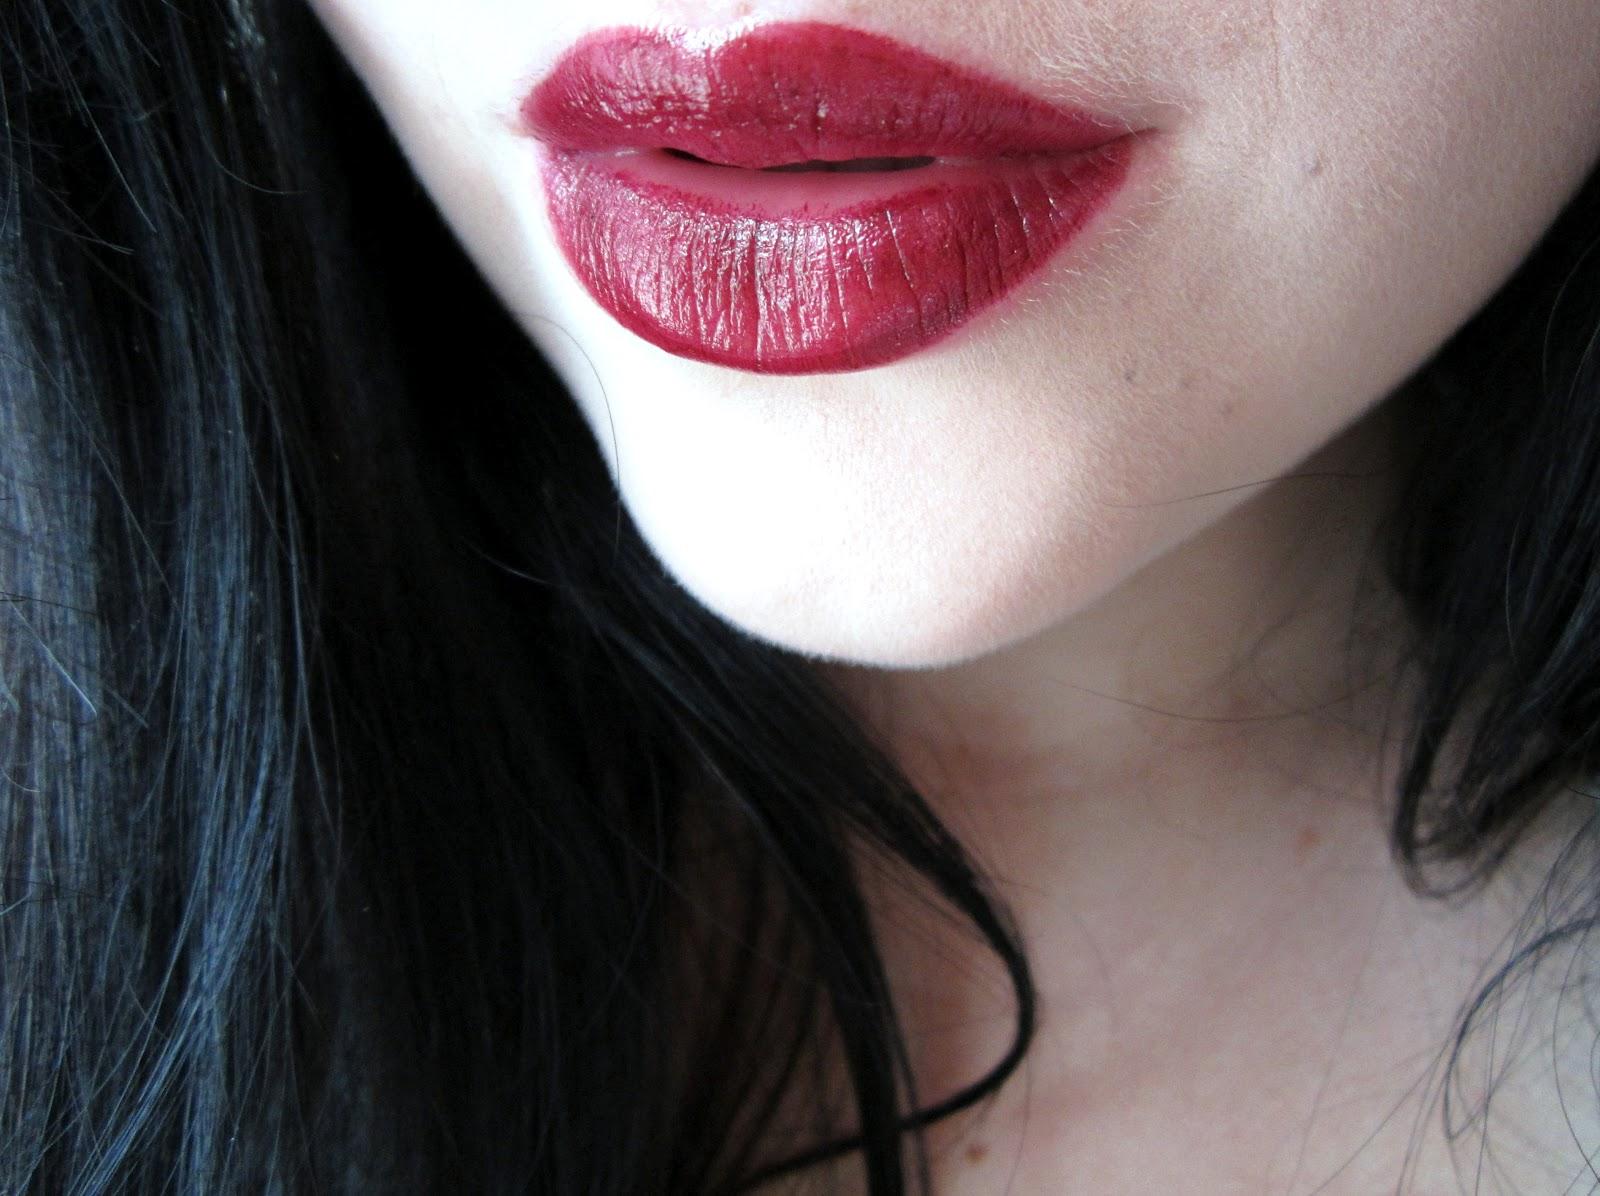 Eating Lipstick Revlon Black Cherry Super Lustrous Lipstick